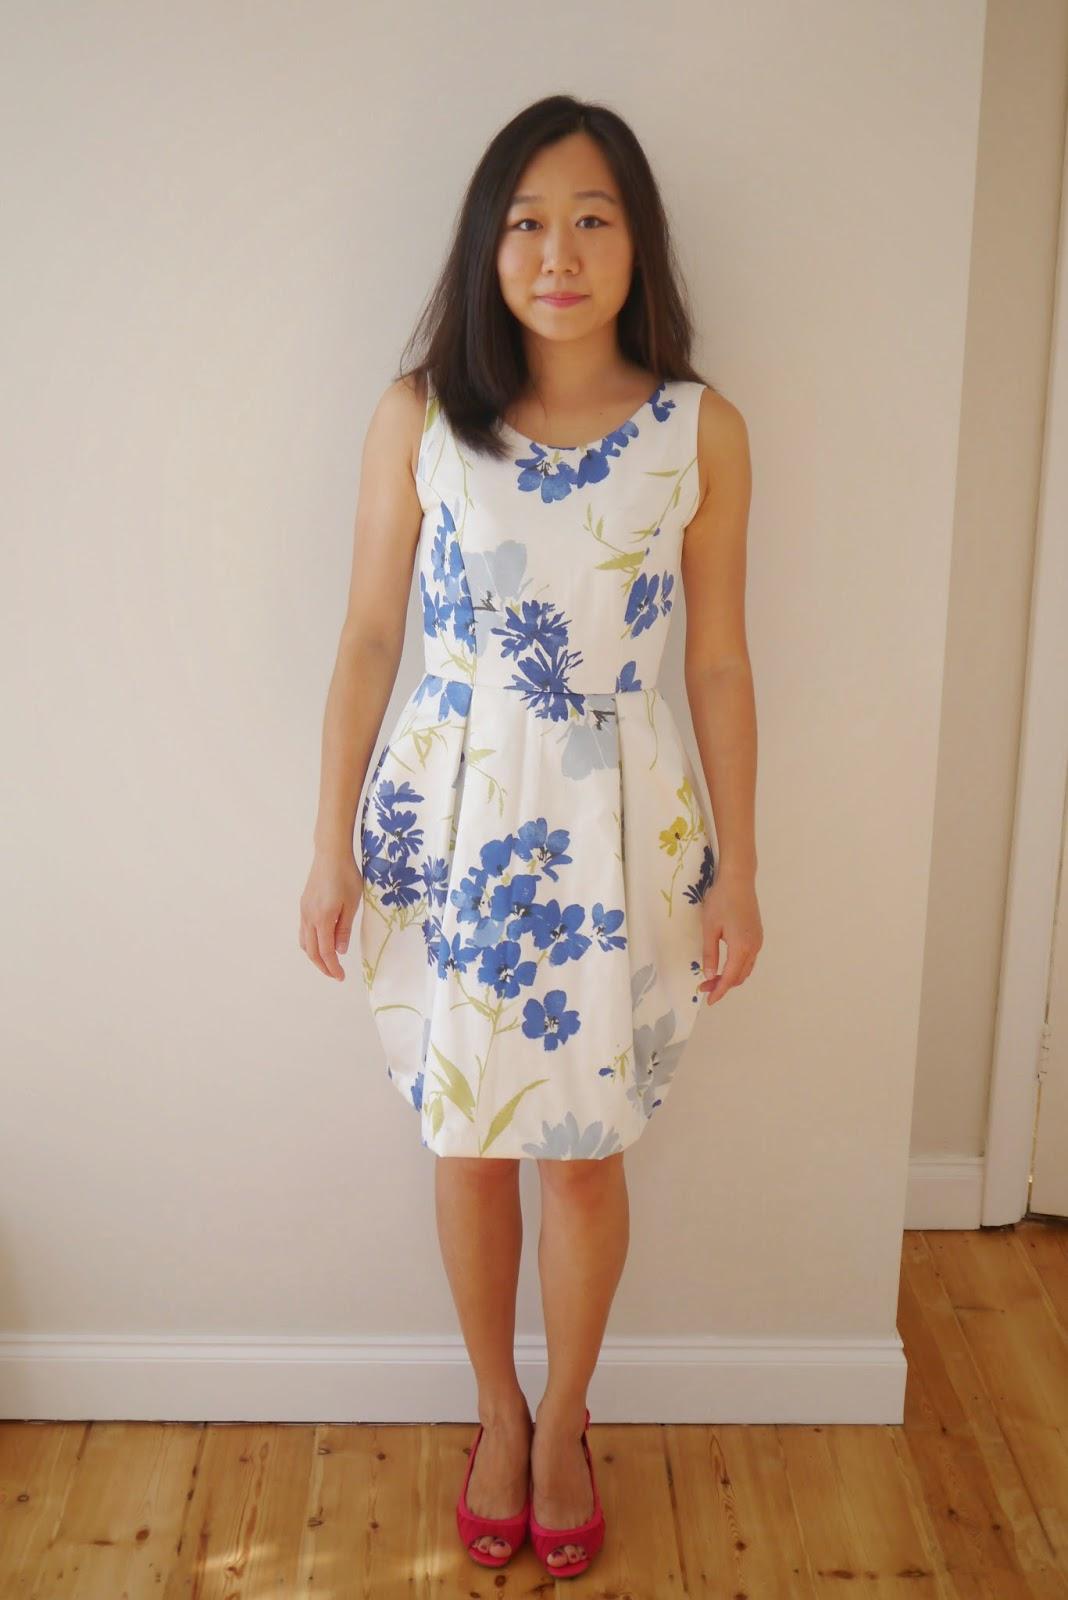 Queen of darts floral elisalex wedding guest dress for Floral wedding guest dresses